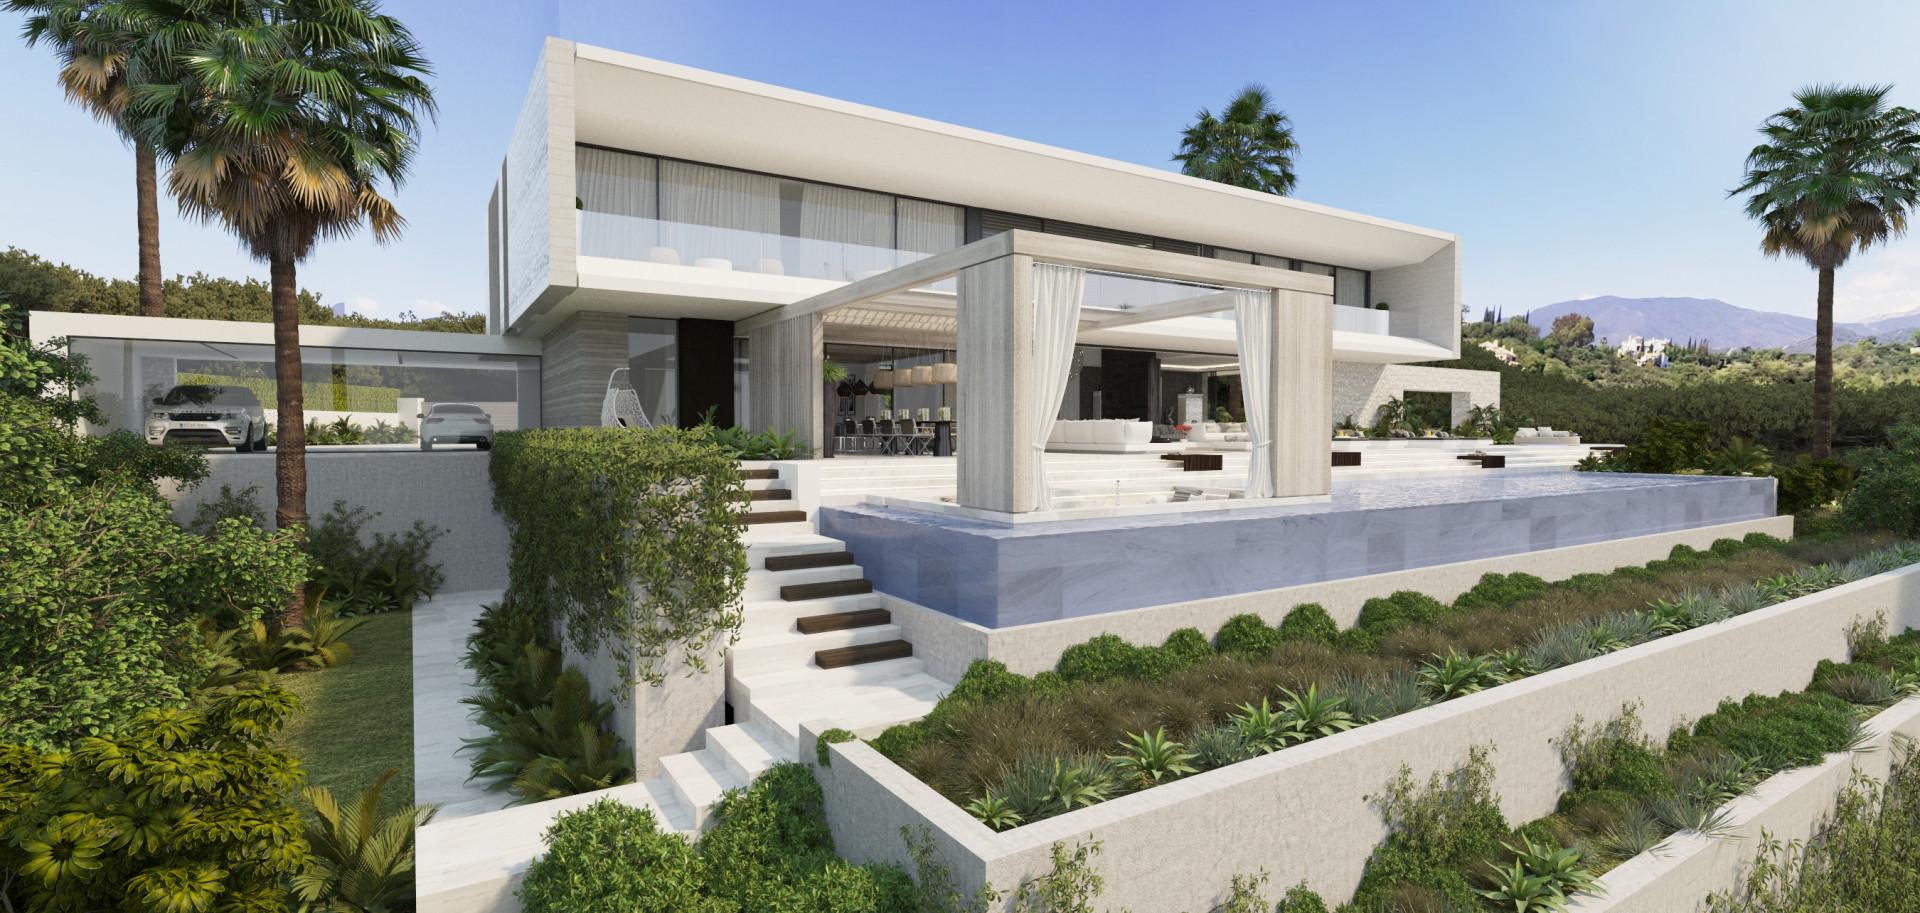 Villa en venta en El Madroñal, Benahavis